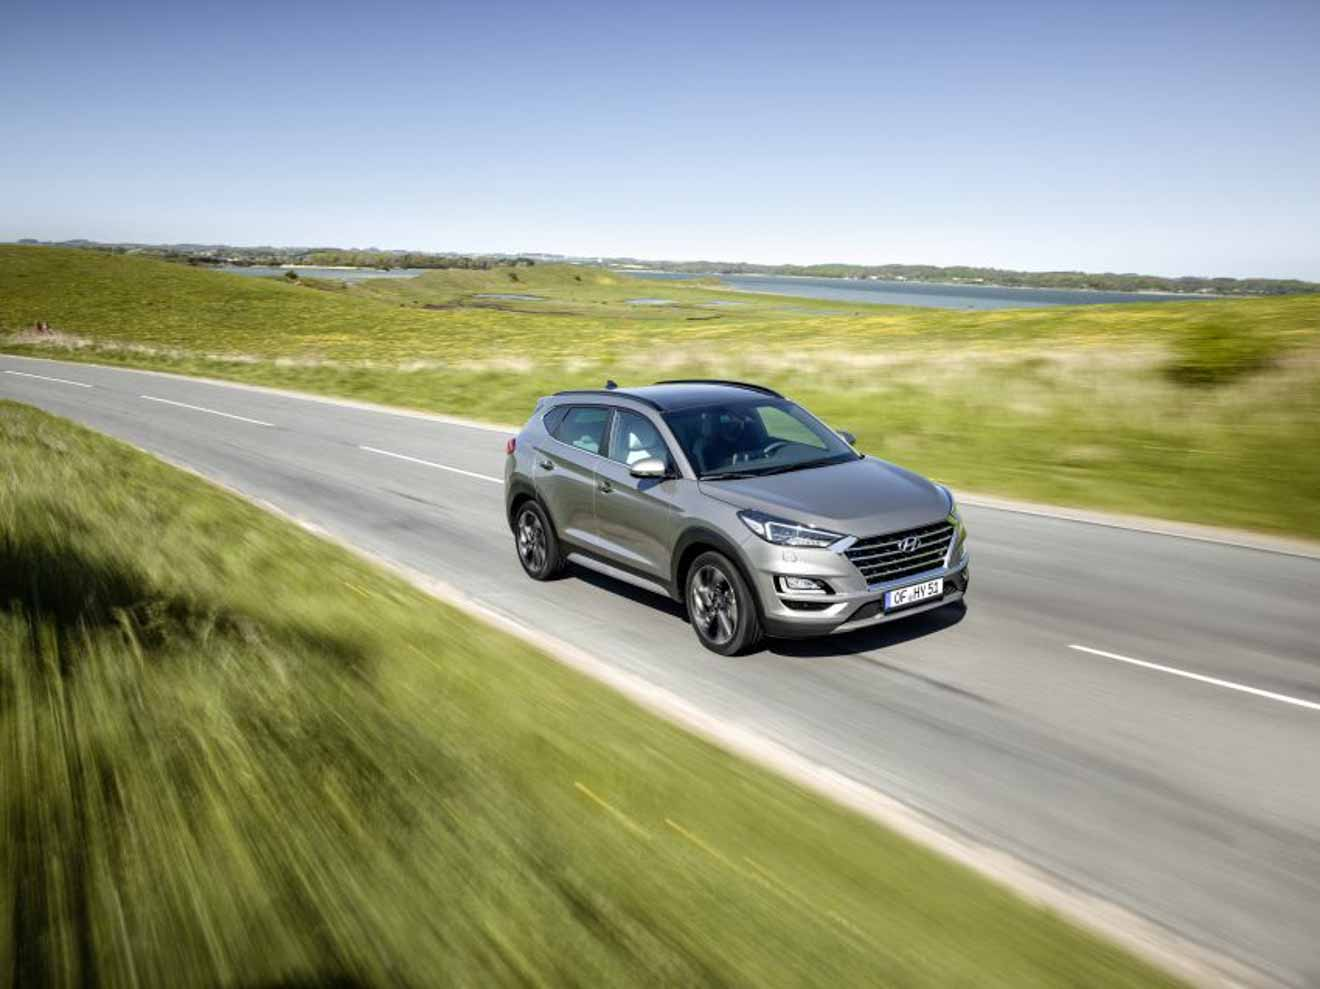 Giá xe Hyundai Tucson 2019 cập nhật mới nhất tại đại lý - 2